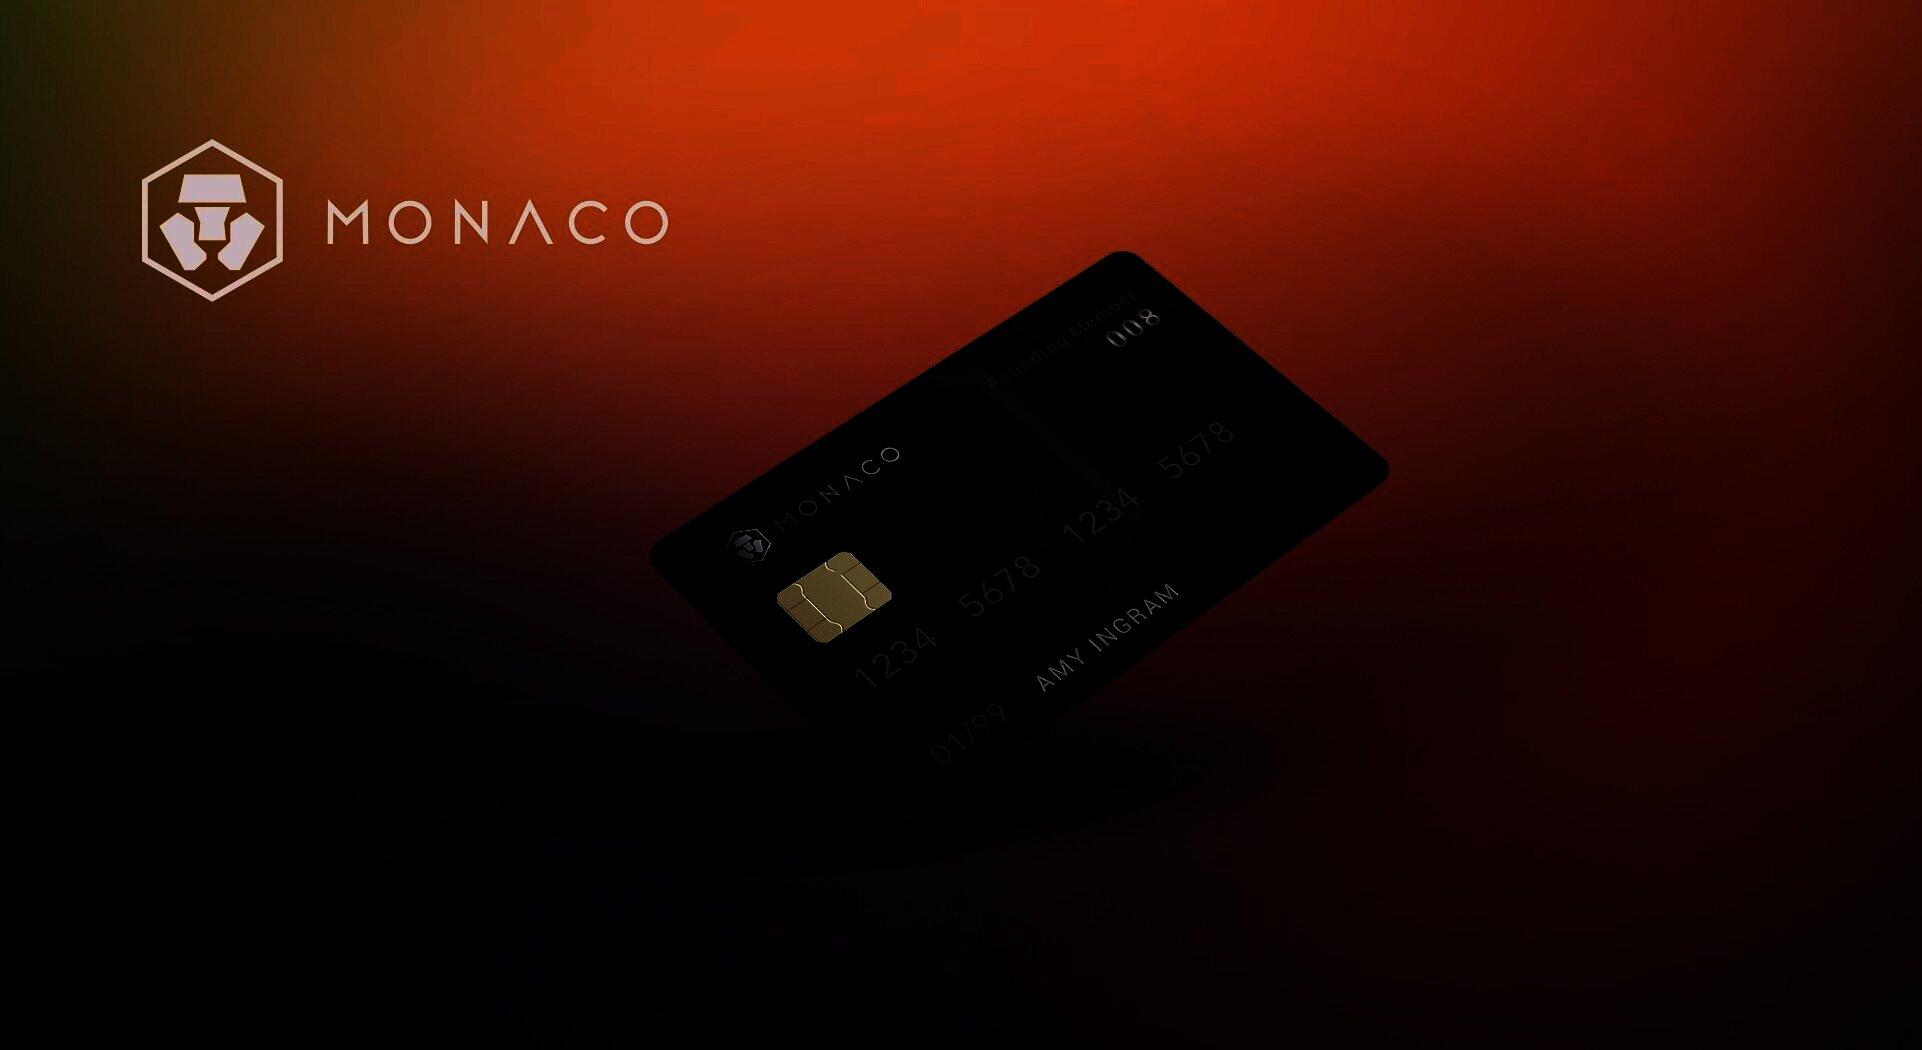 Monaco (nu crypto.com) de nieuwe cryptocurrency creditcard?